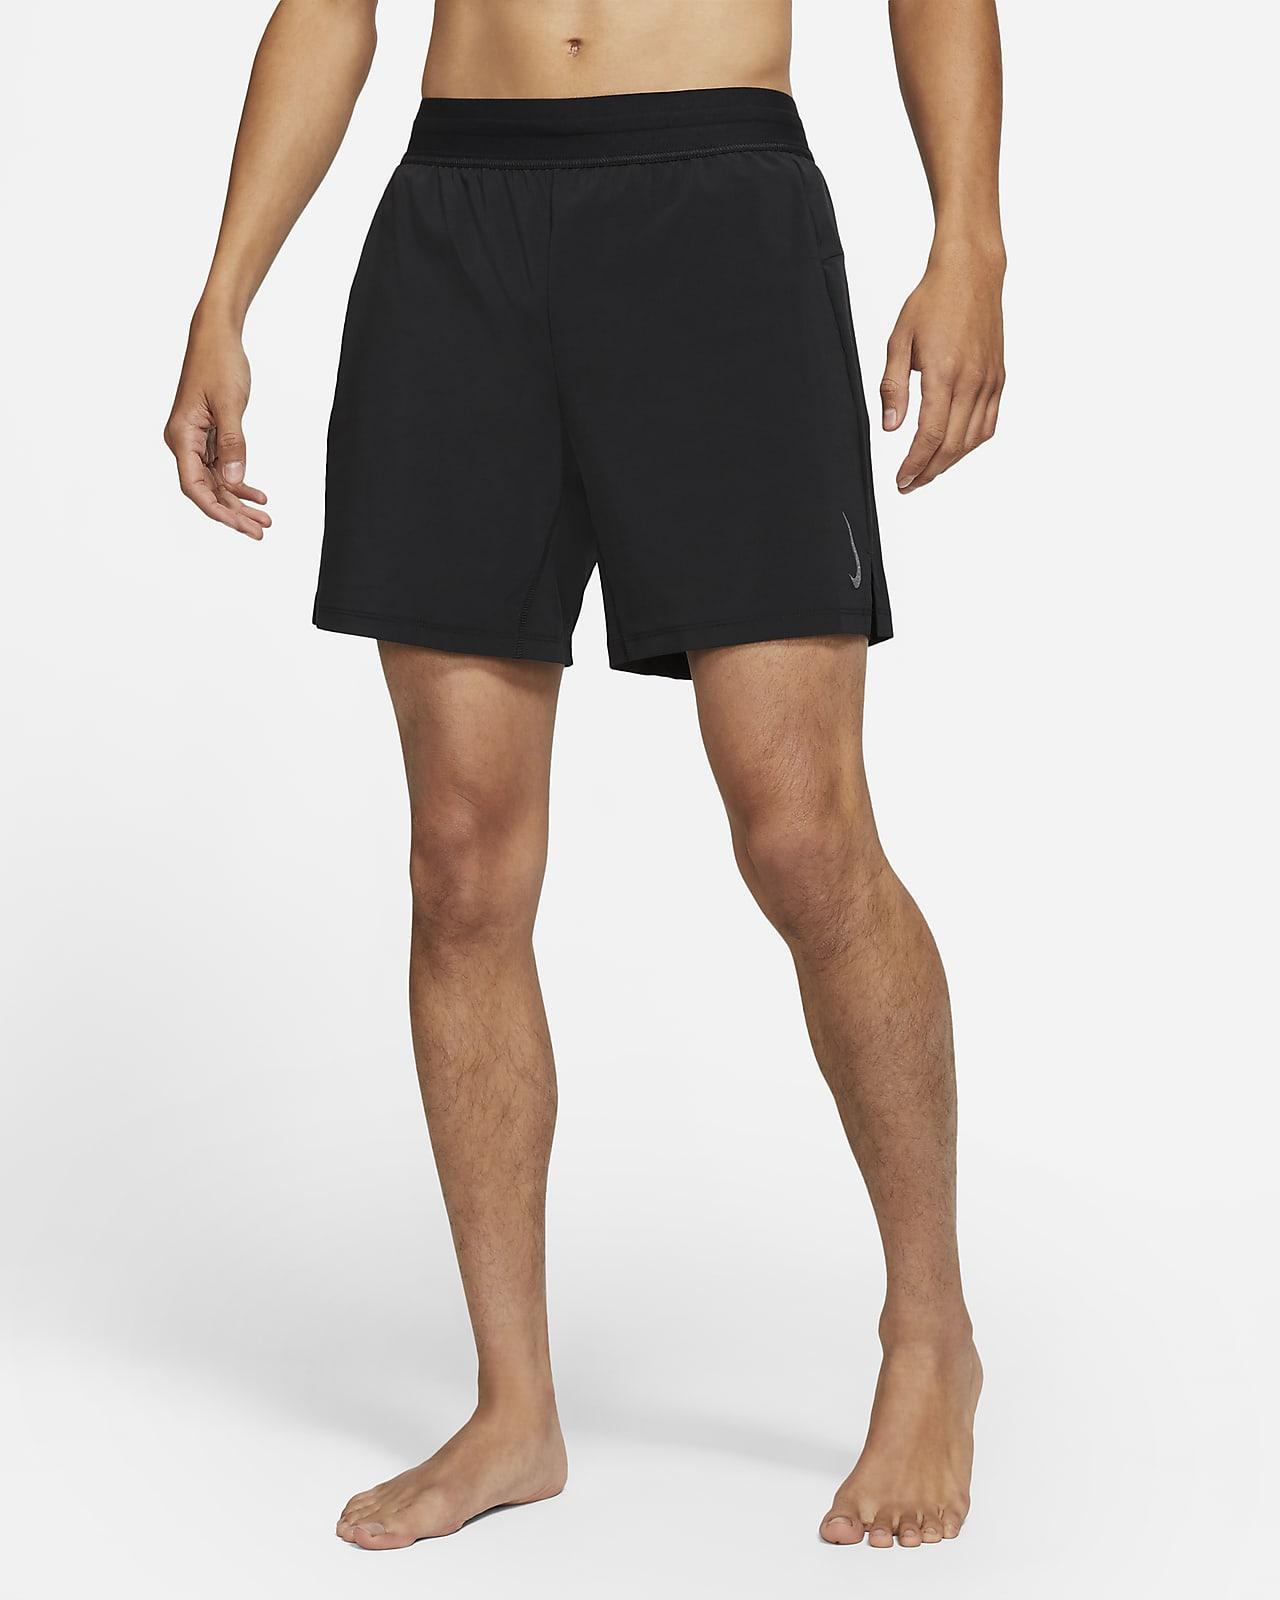 กางเกงขาสั้น 2-in-1 ผู้ชาย Nike Yoga